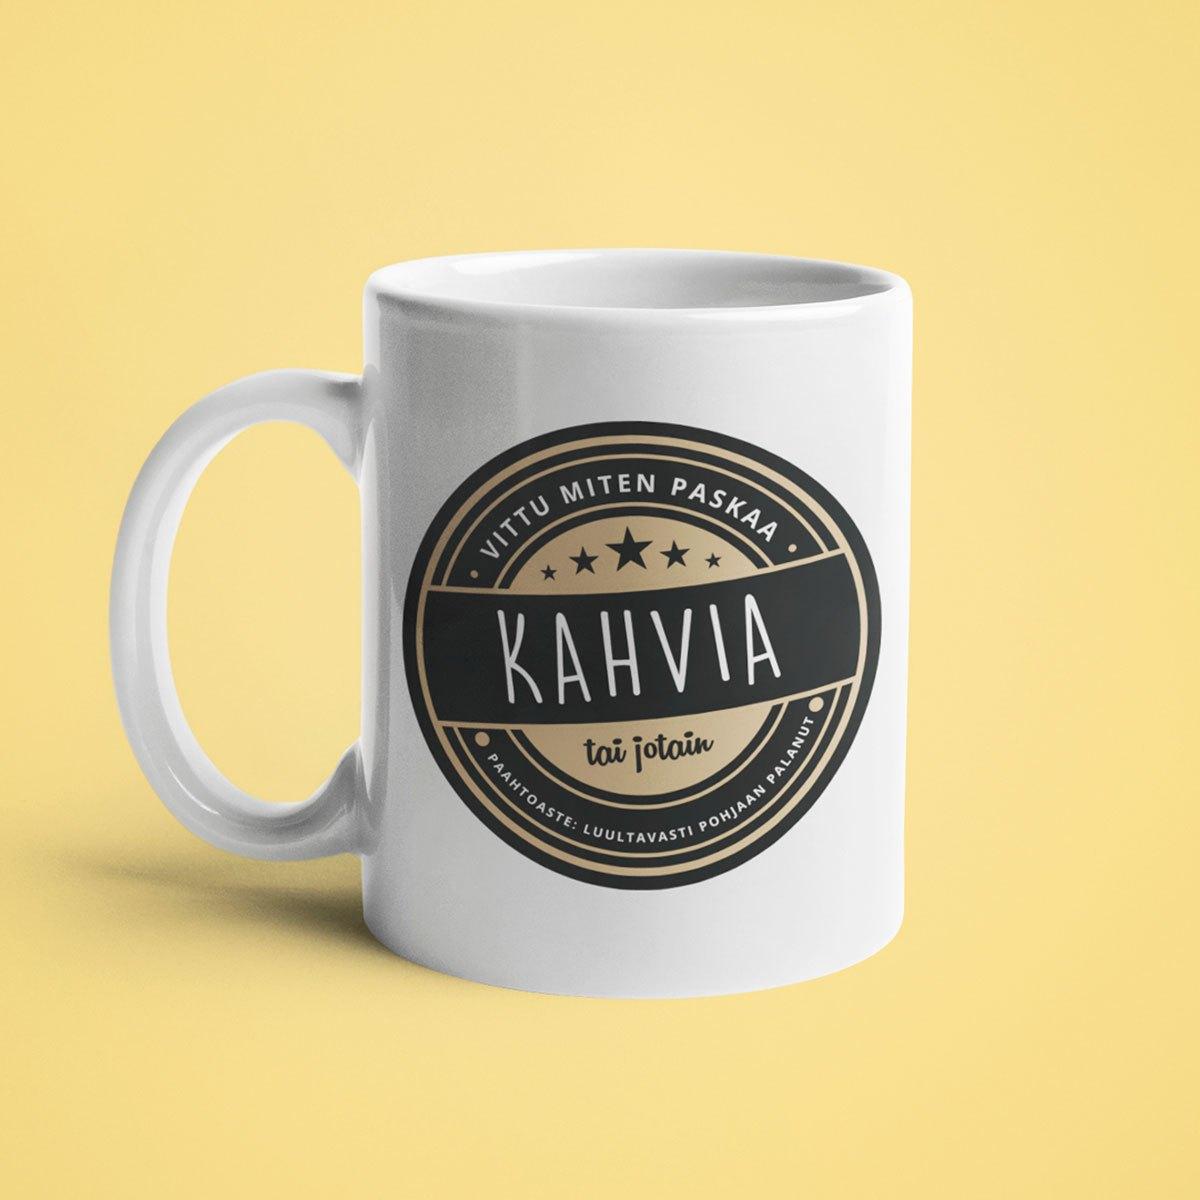 Keitä ite saatana kahvikuppi